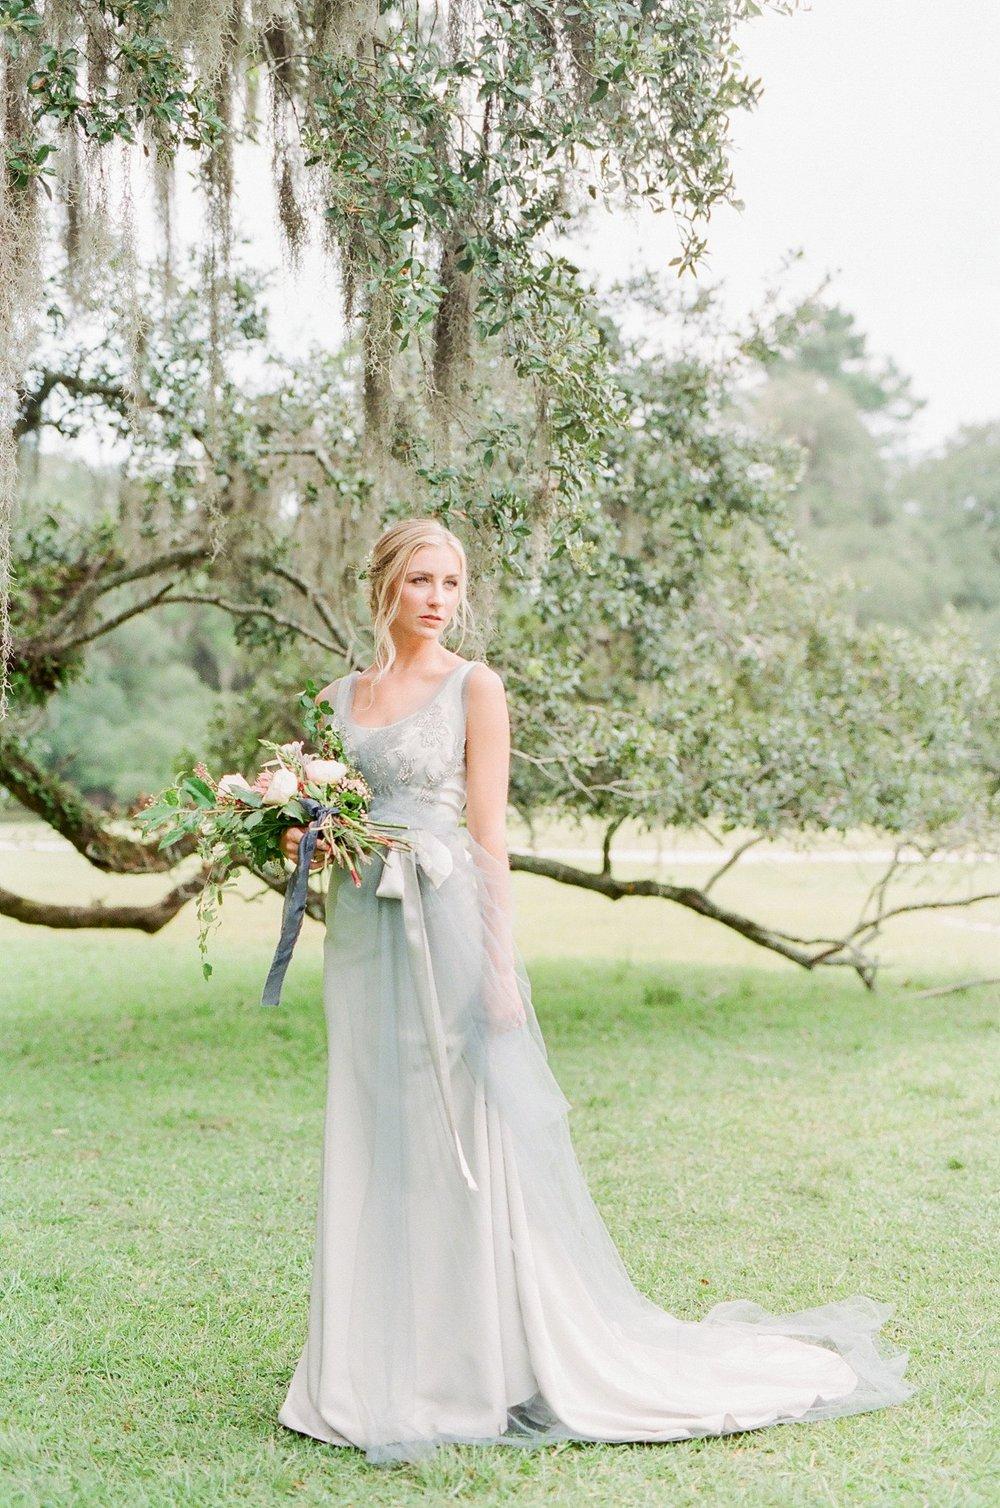 Carol Hannah Bridal Downton Gown TSOS-joyce-ko-jodimillerphoto_022.JPG